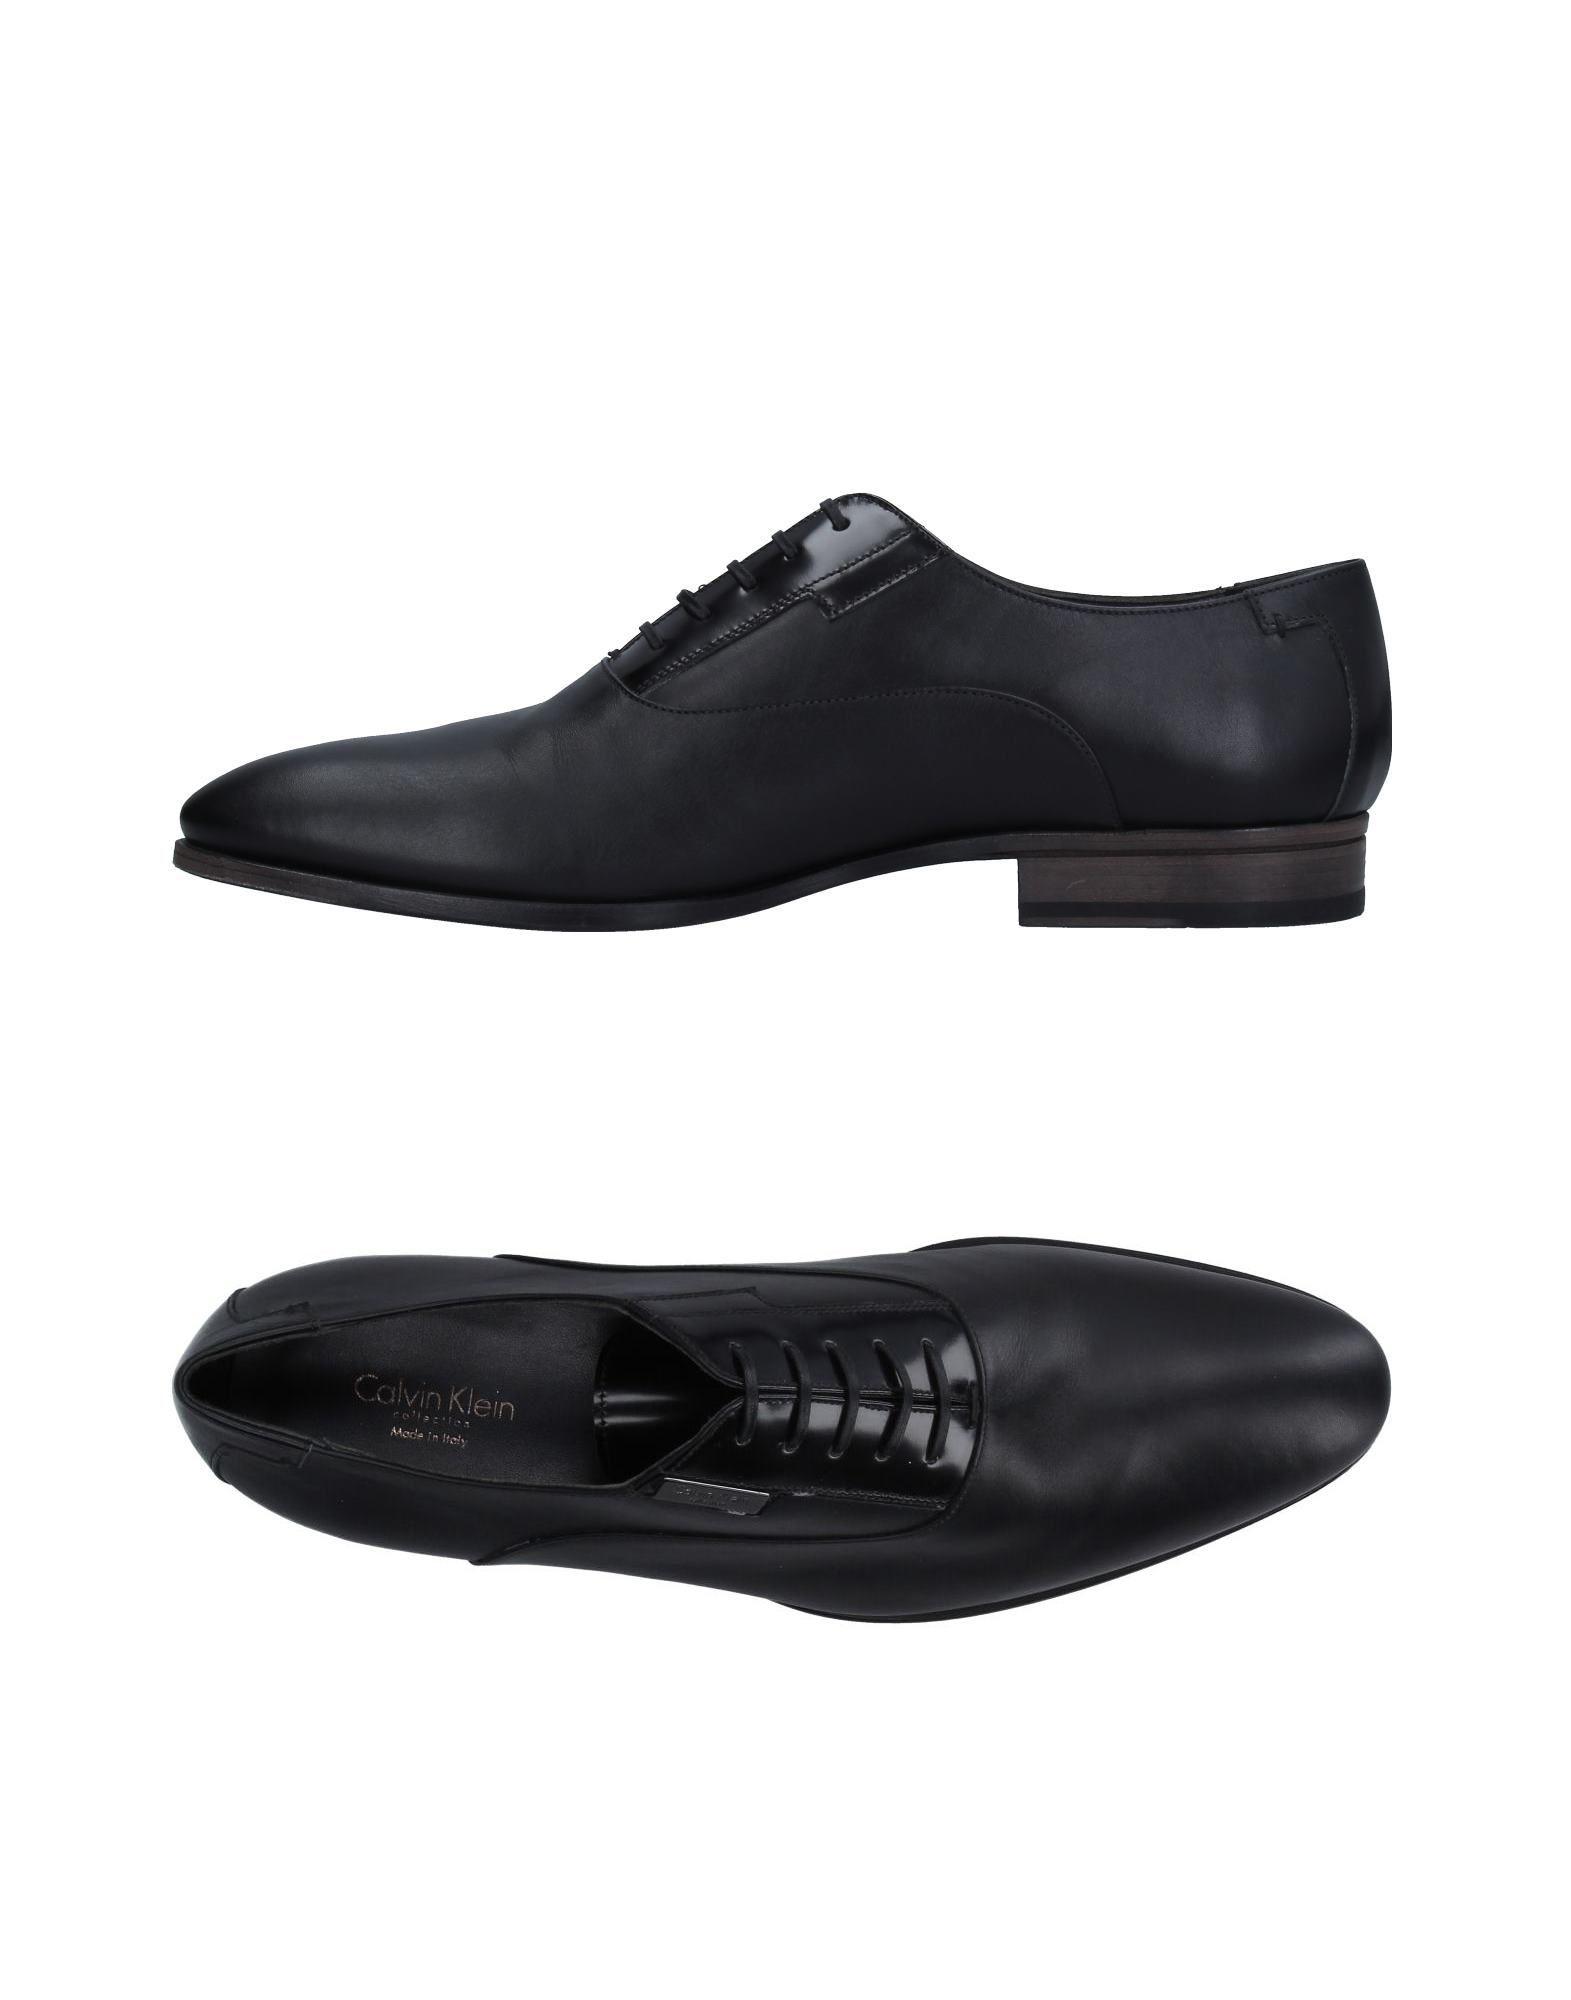 chaussures de ville homme calvin klein jusqu 70 soldes deuxi me d marque. Black Bedroom Furniture Sets. Home Design Ideas